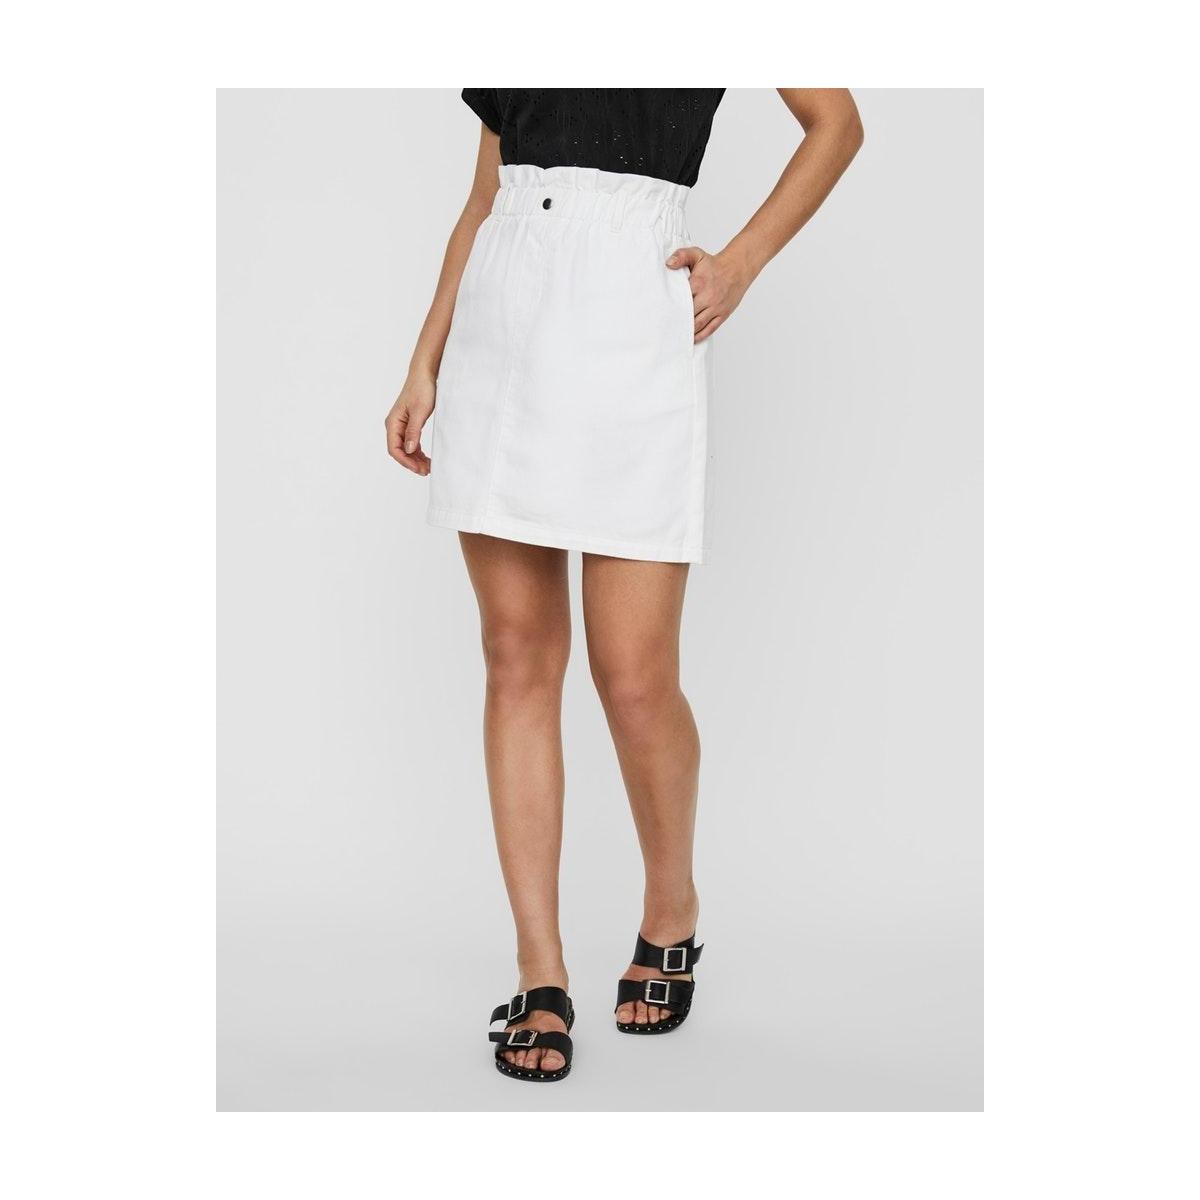 nmjudo hw paperback  skirt jt124bw 27011985 noisy may rok bright white